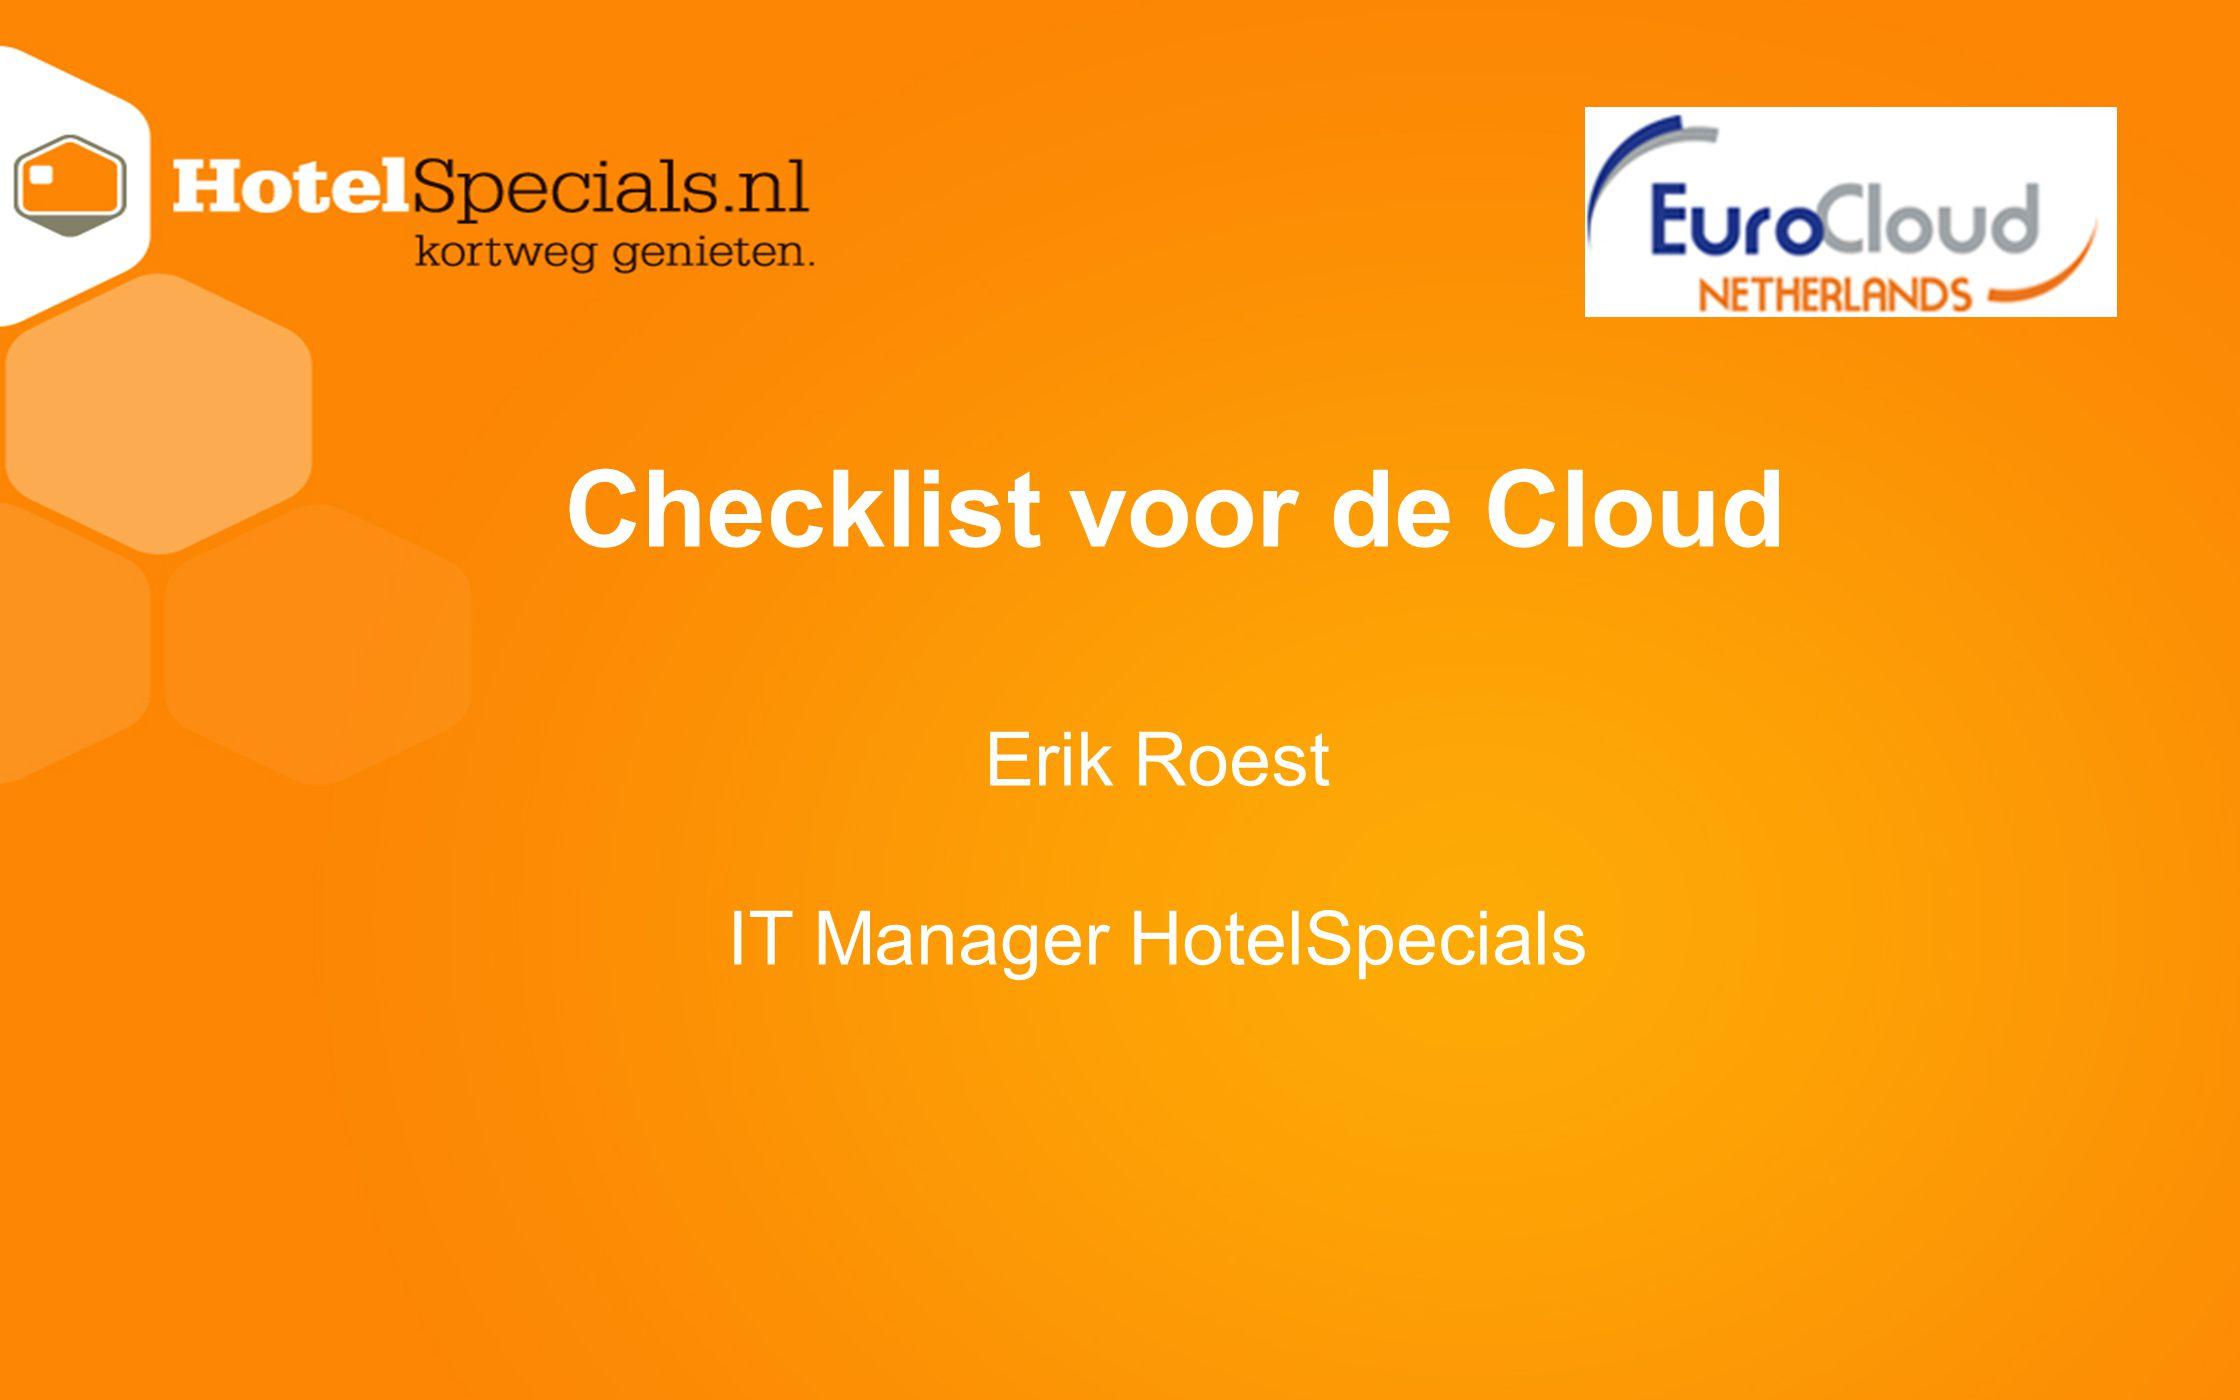 Checklist voor de Cloud Erik Roest IT Manager HotelSpecials